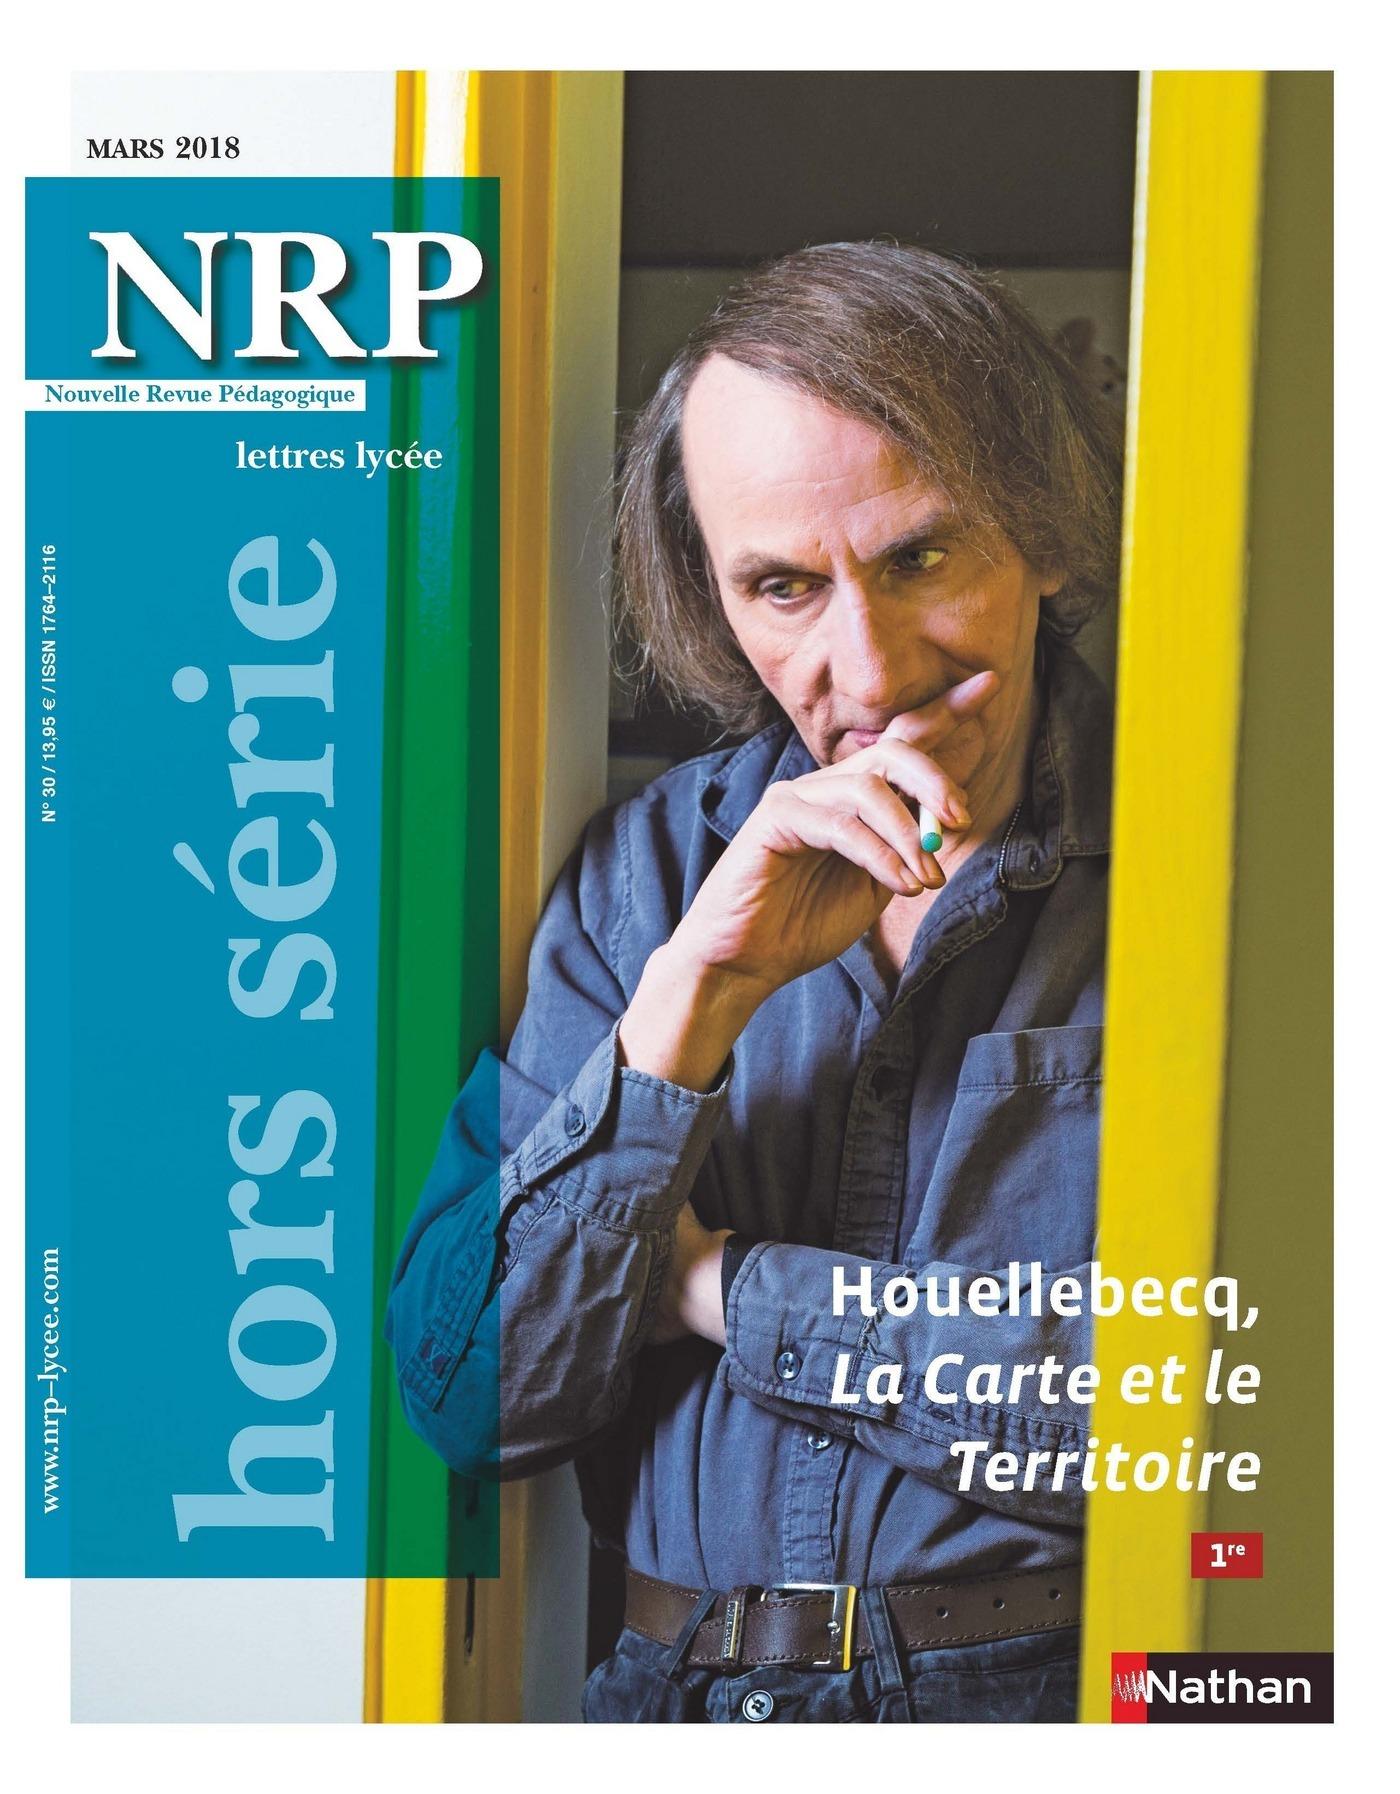 NRP Lycée Hors-Série - Houellebecq, La Carte et le Territoire - Mars 2018 (Format PDF)